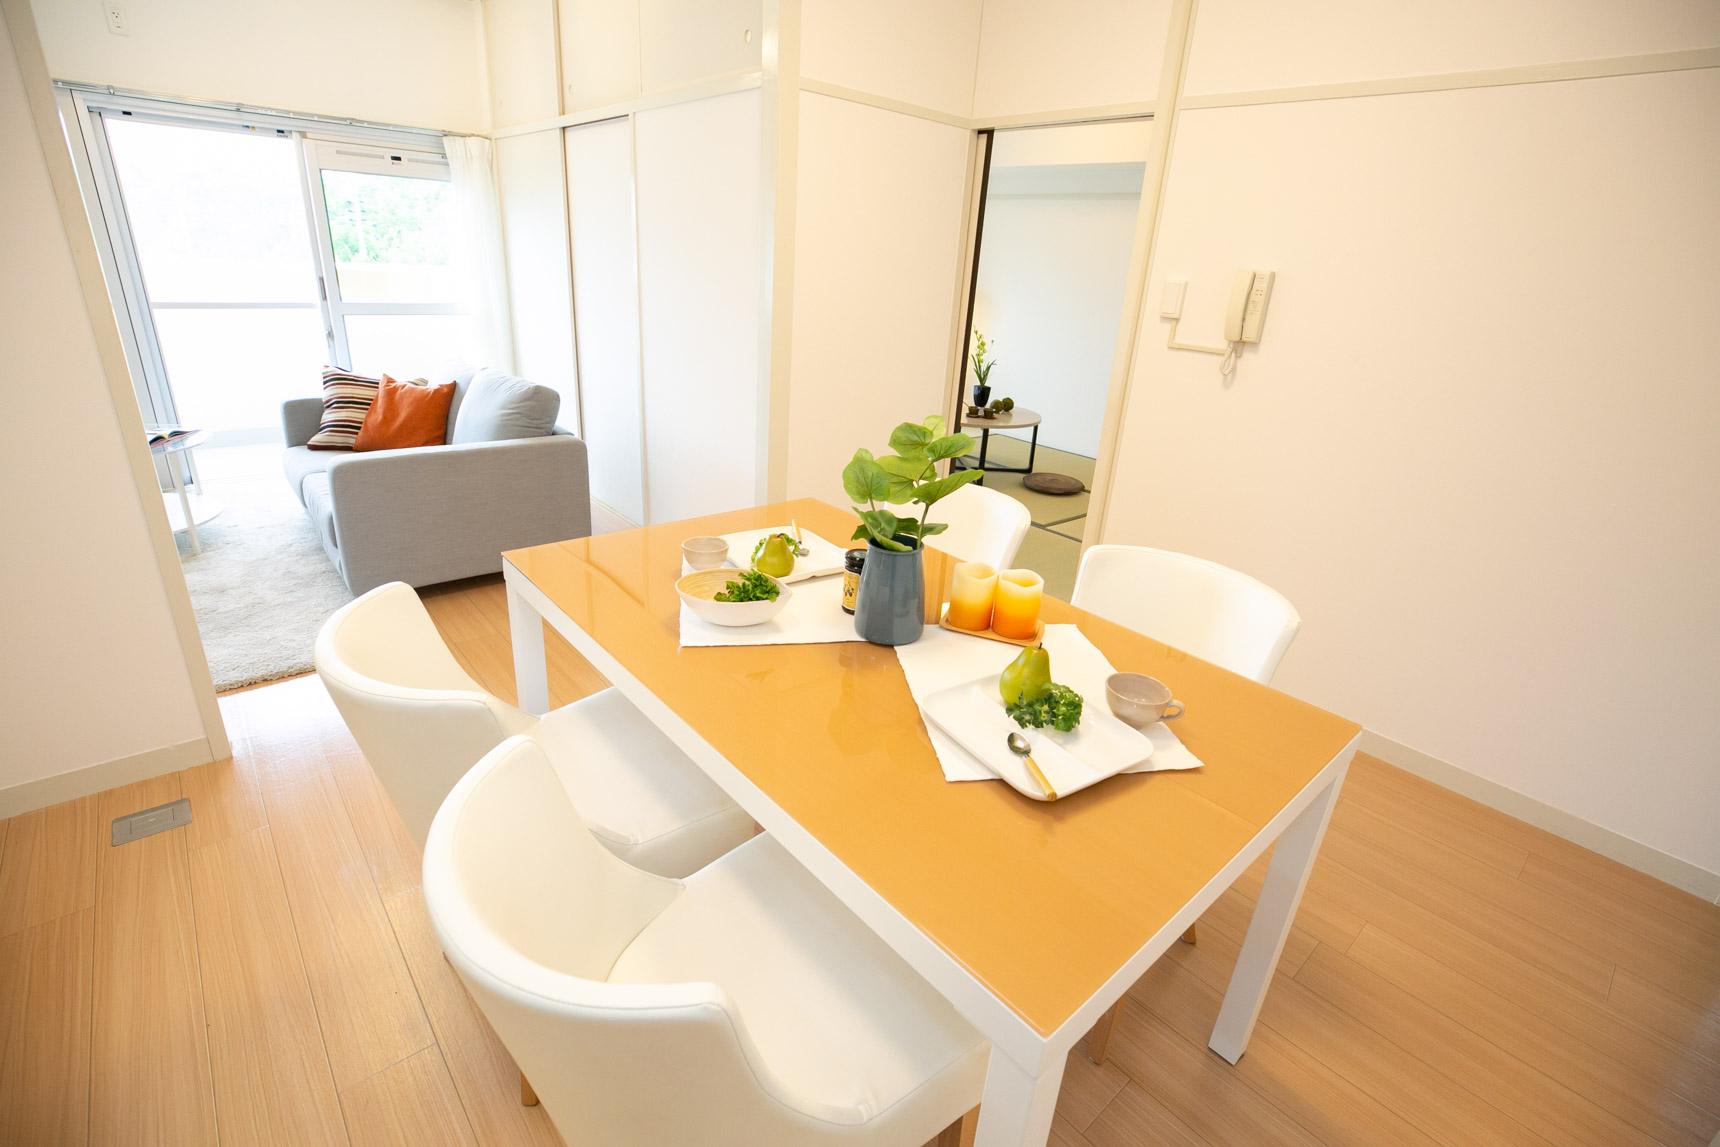 床もナチュラルで明るい色味、白をベースにしたシンプルな内装なので、どんなインテリアでも合わせやすそうですね。